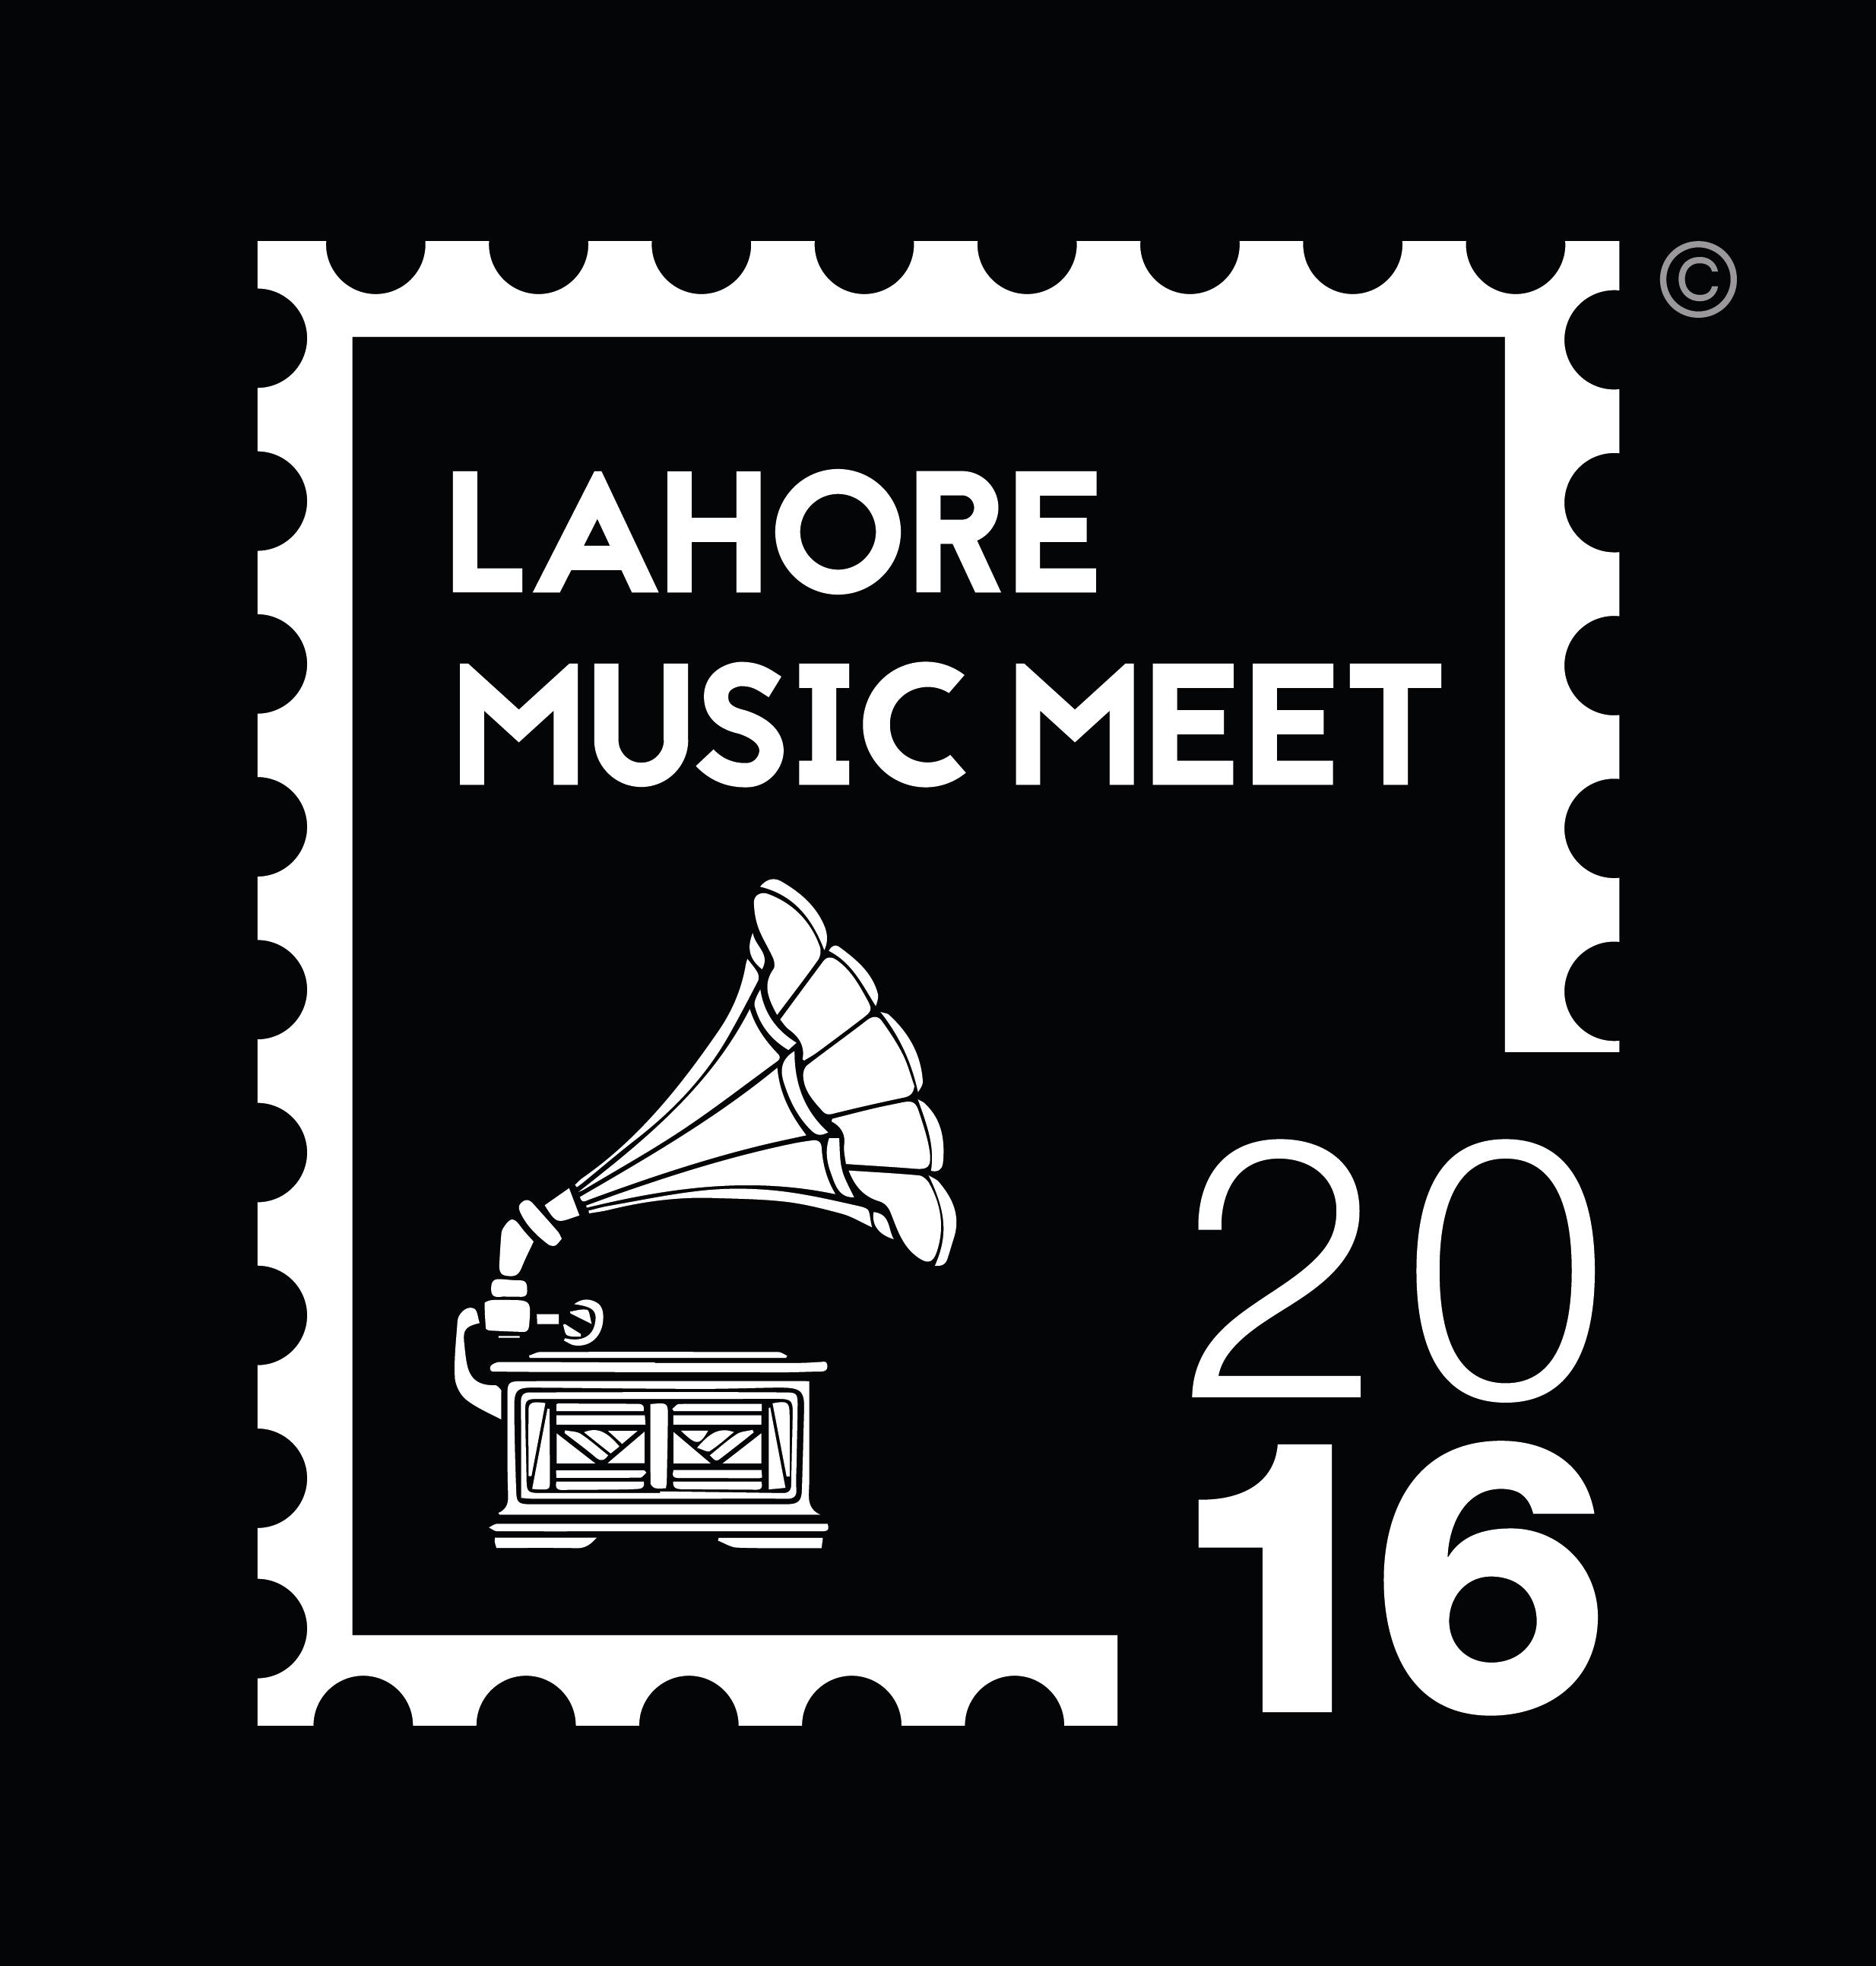 لاہور میوزک میٹ کا انعقاد